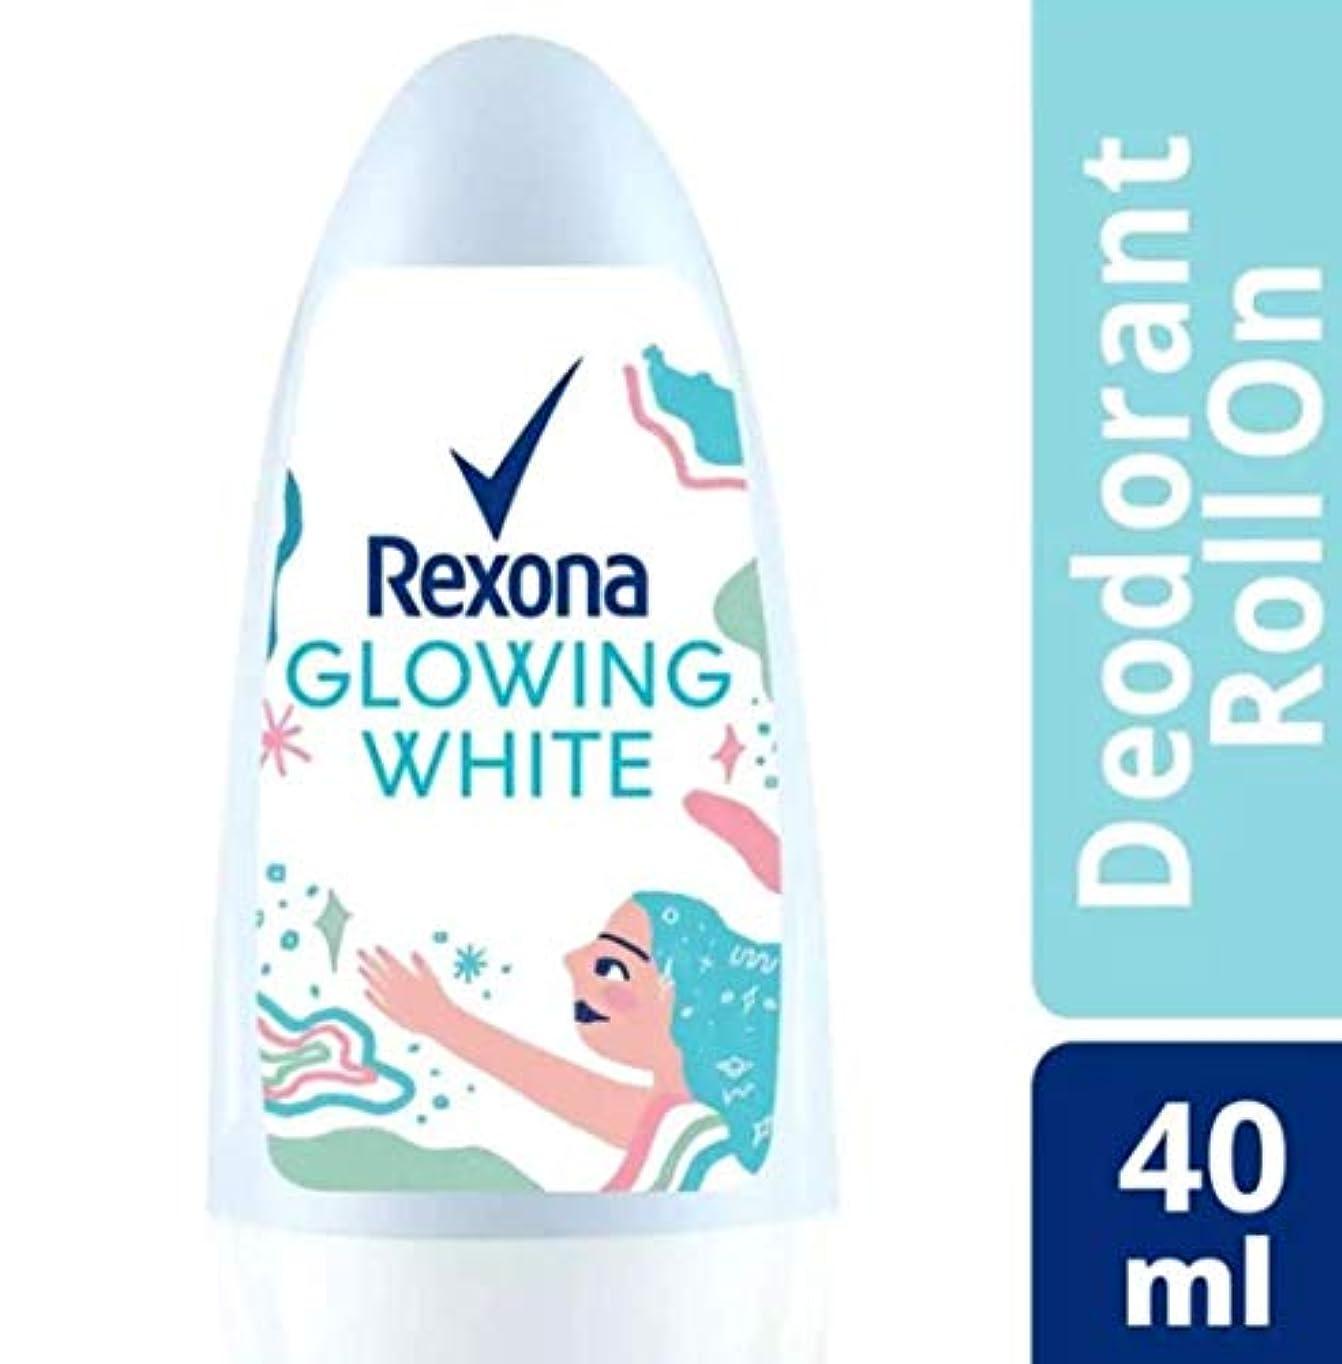 トマト環境に優しい昨日Rexona レクソナ woman 制汗 デオドラント ロールオン GROWING WHITE【アルコール 0%】 ソフトなバラの香り 40ml [並行輸入品]